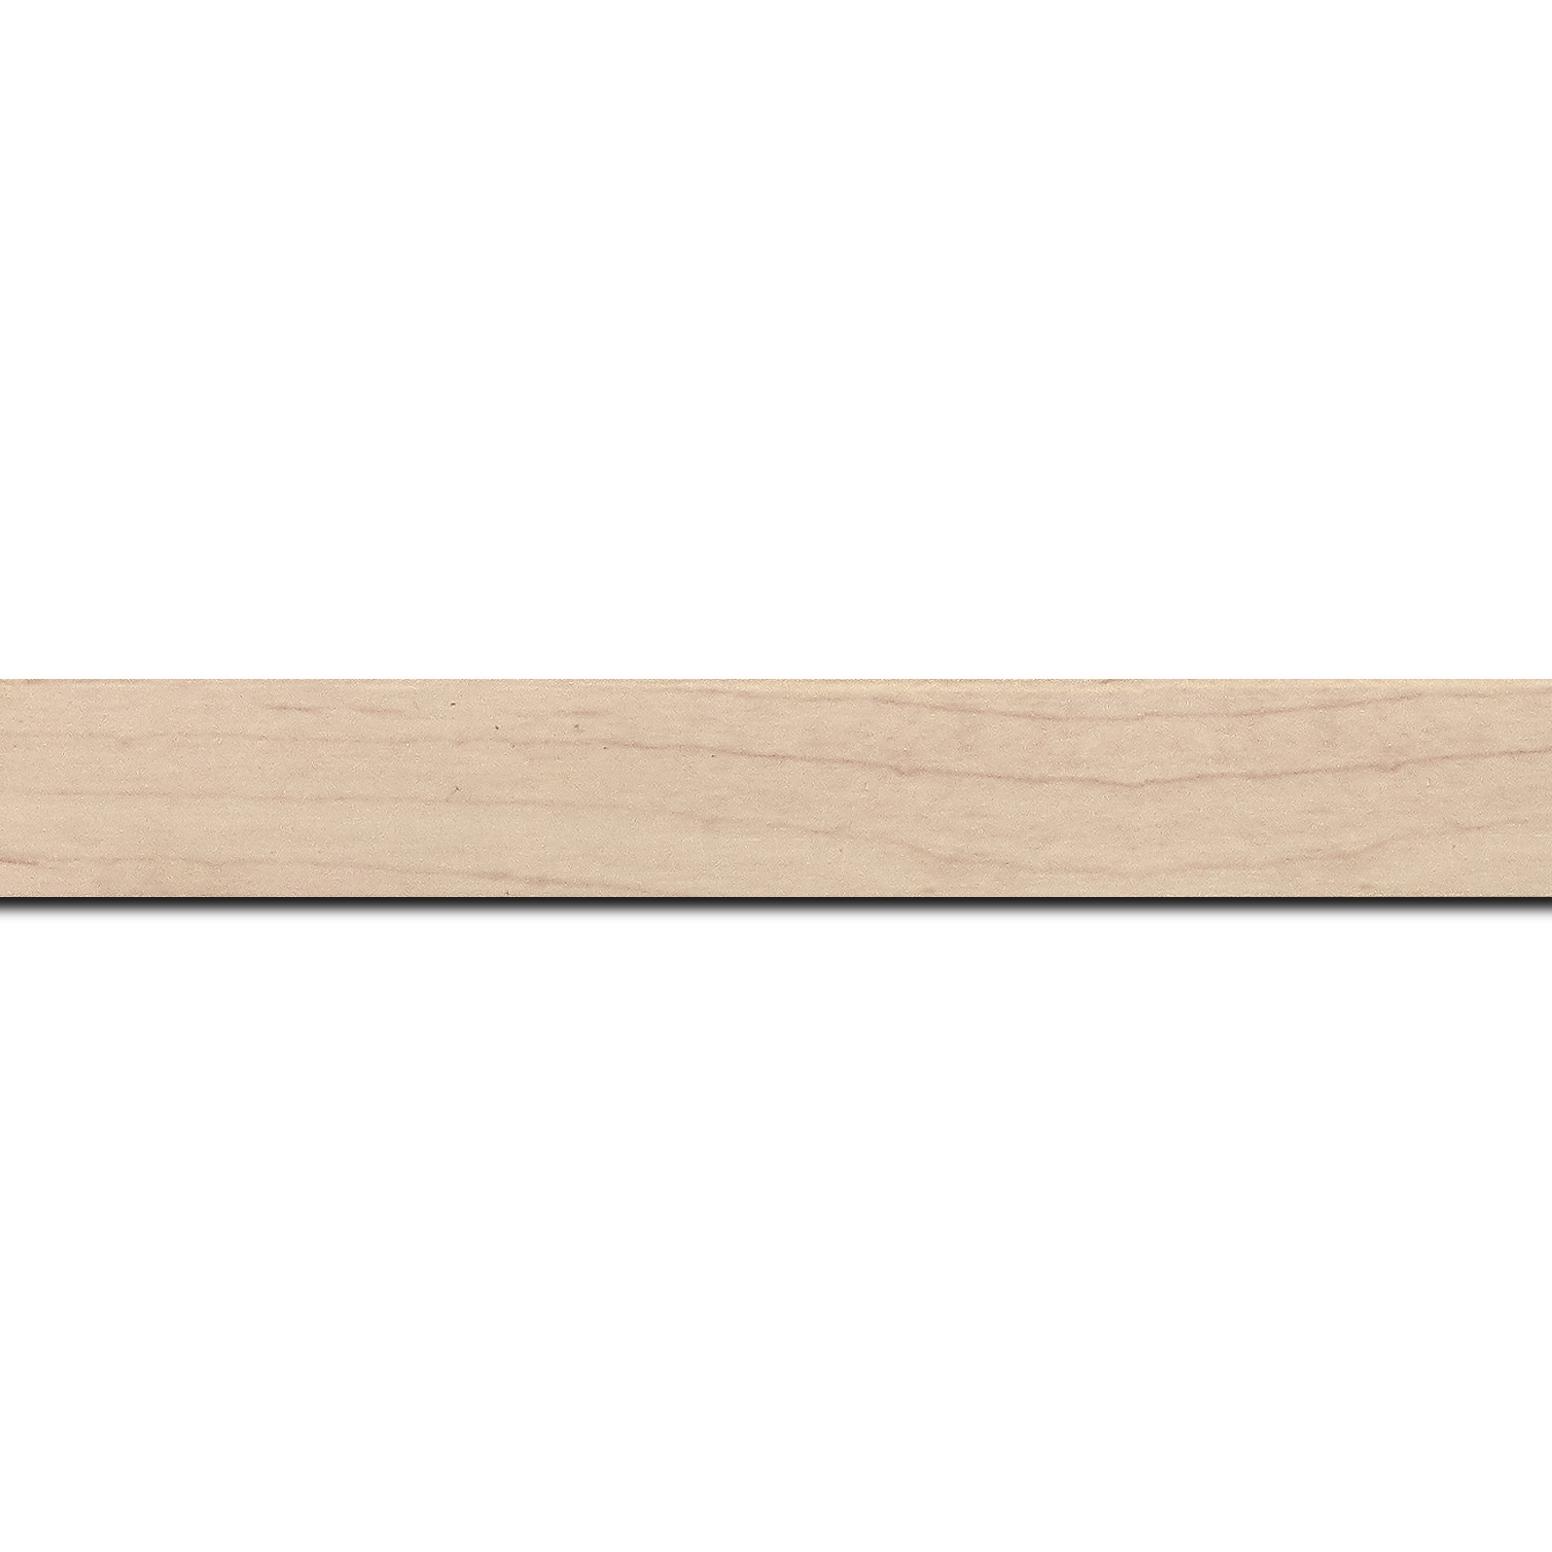 Baguette longueur 1.40m bois profil plat largeur 2cm décor bois blanc naturel